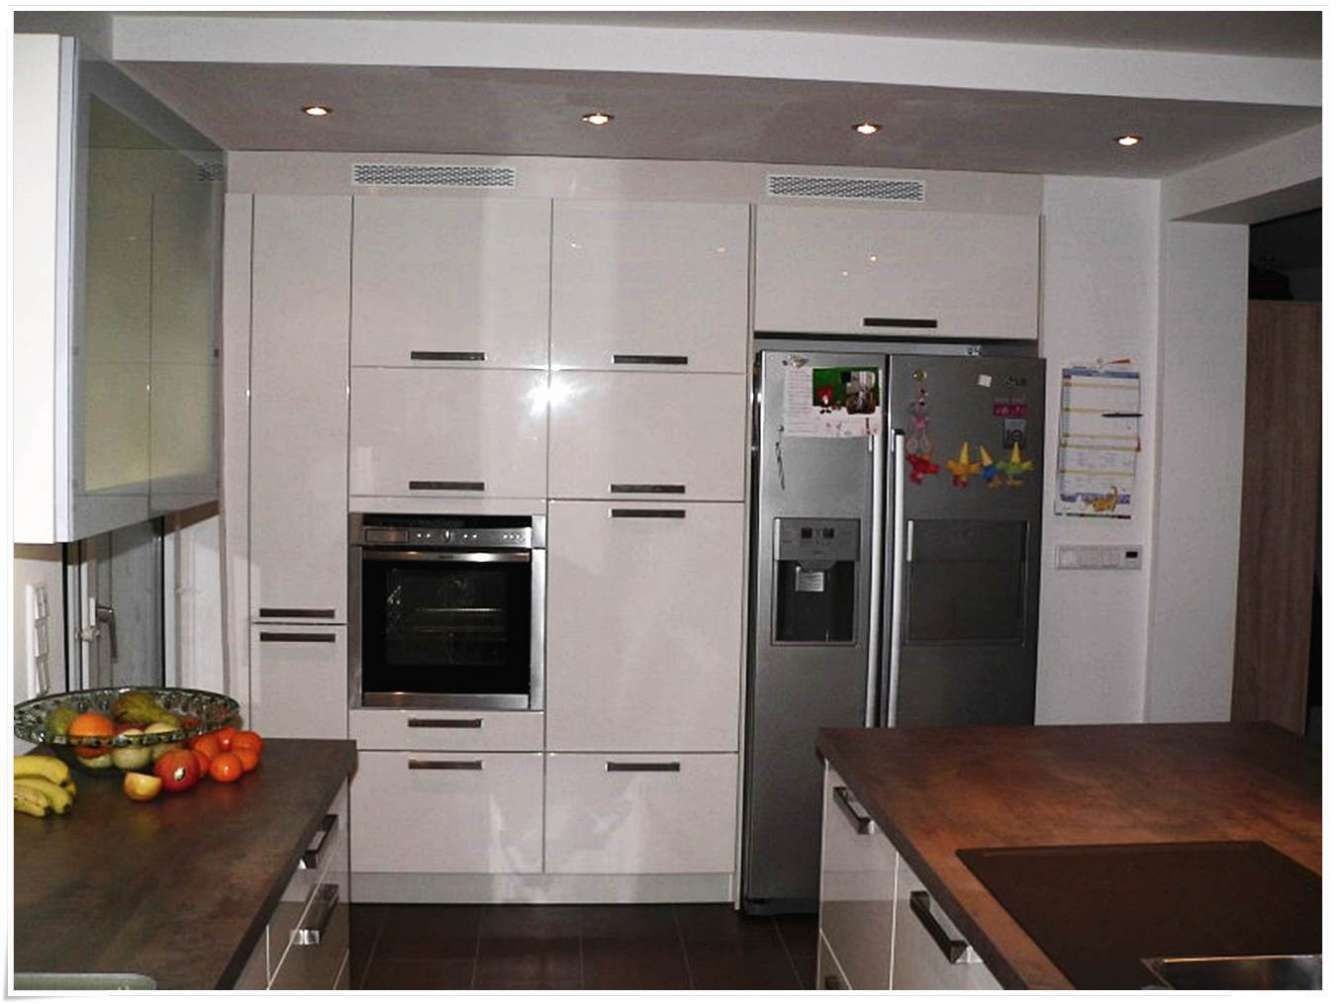 Kühlschrank In Küche Integrieren